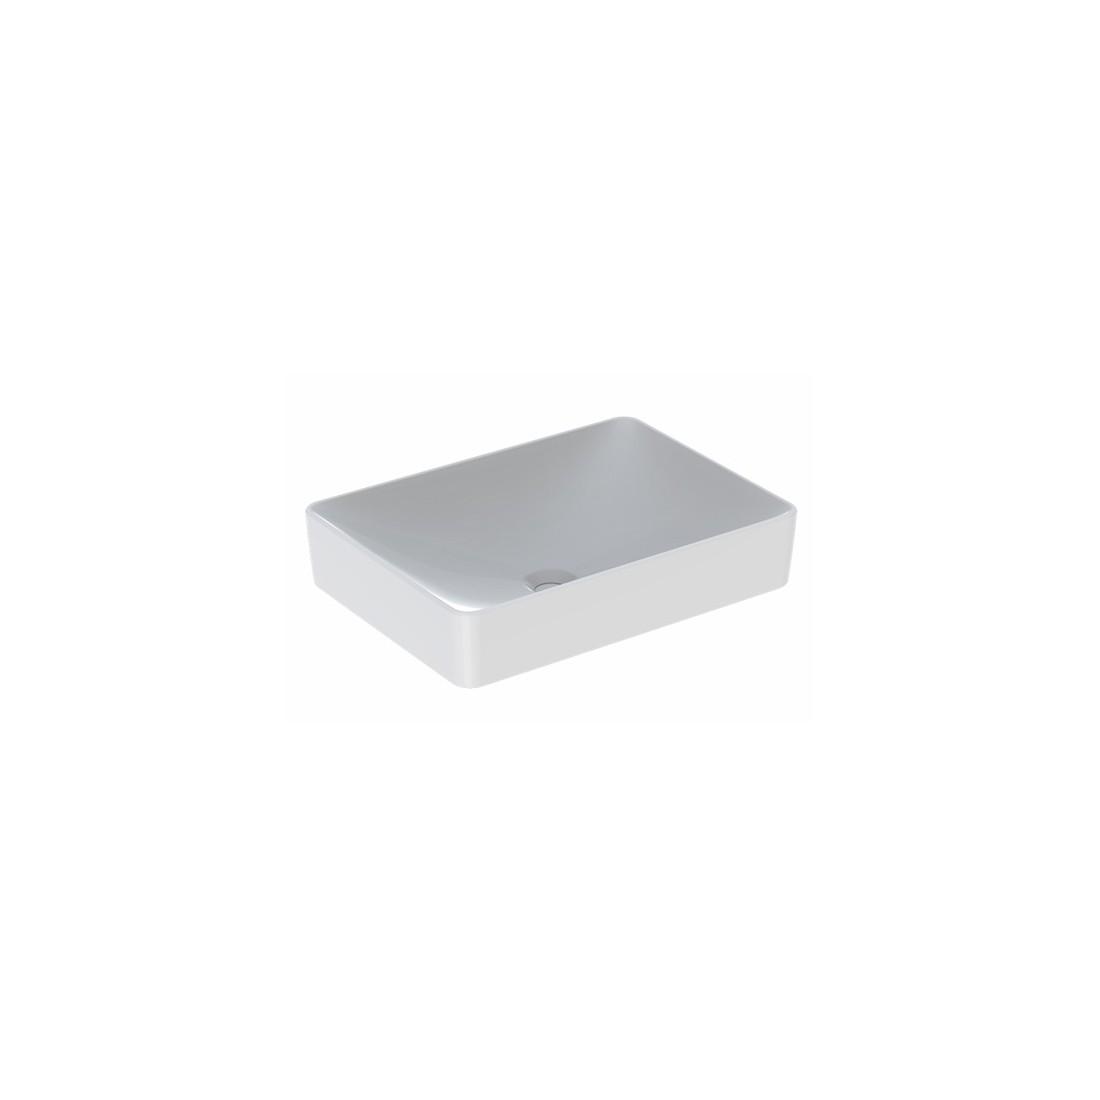 IFO praustuvas pastatomas VariForm 55 cm,stačiakampis,baltas